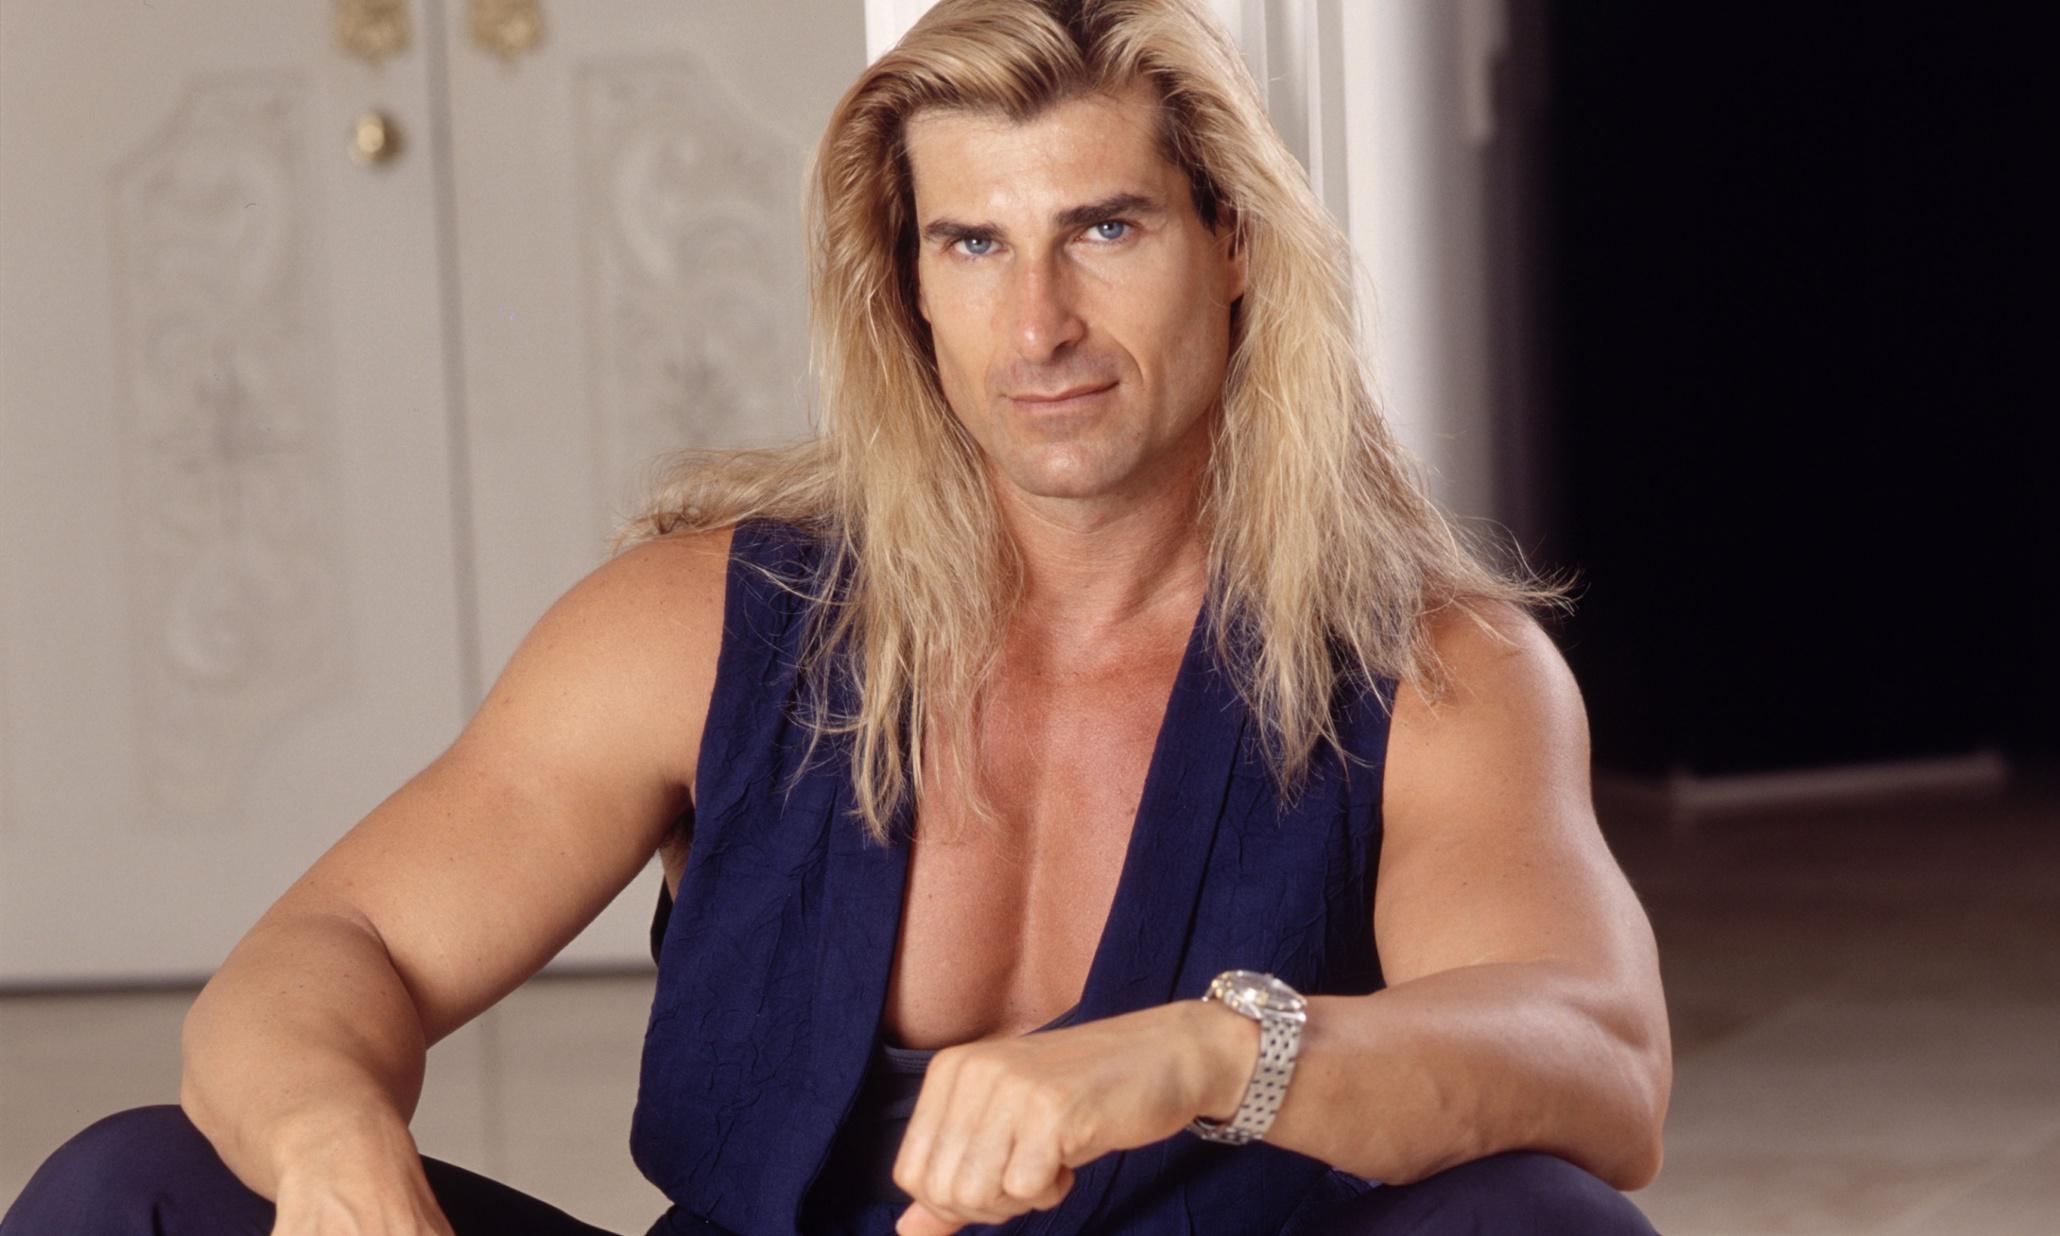 Fabio Confessions Of The Original Male Supermodel